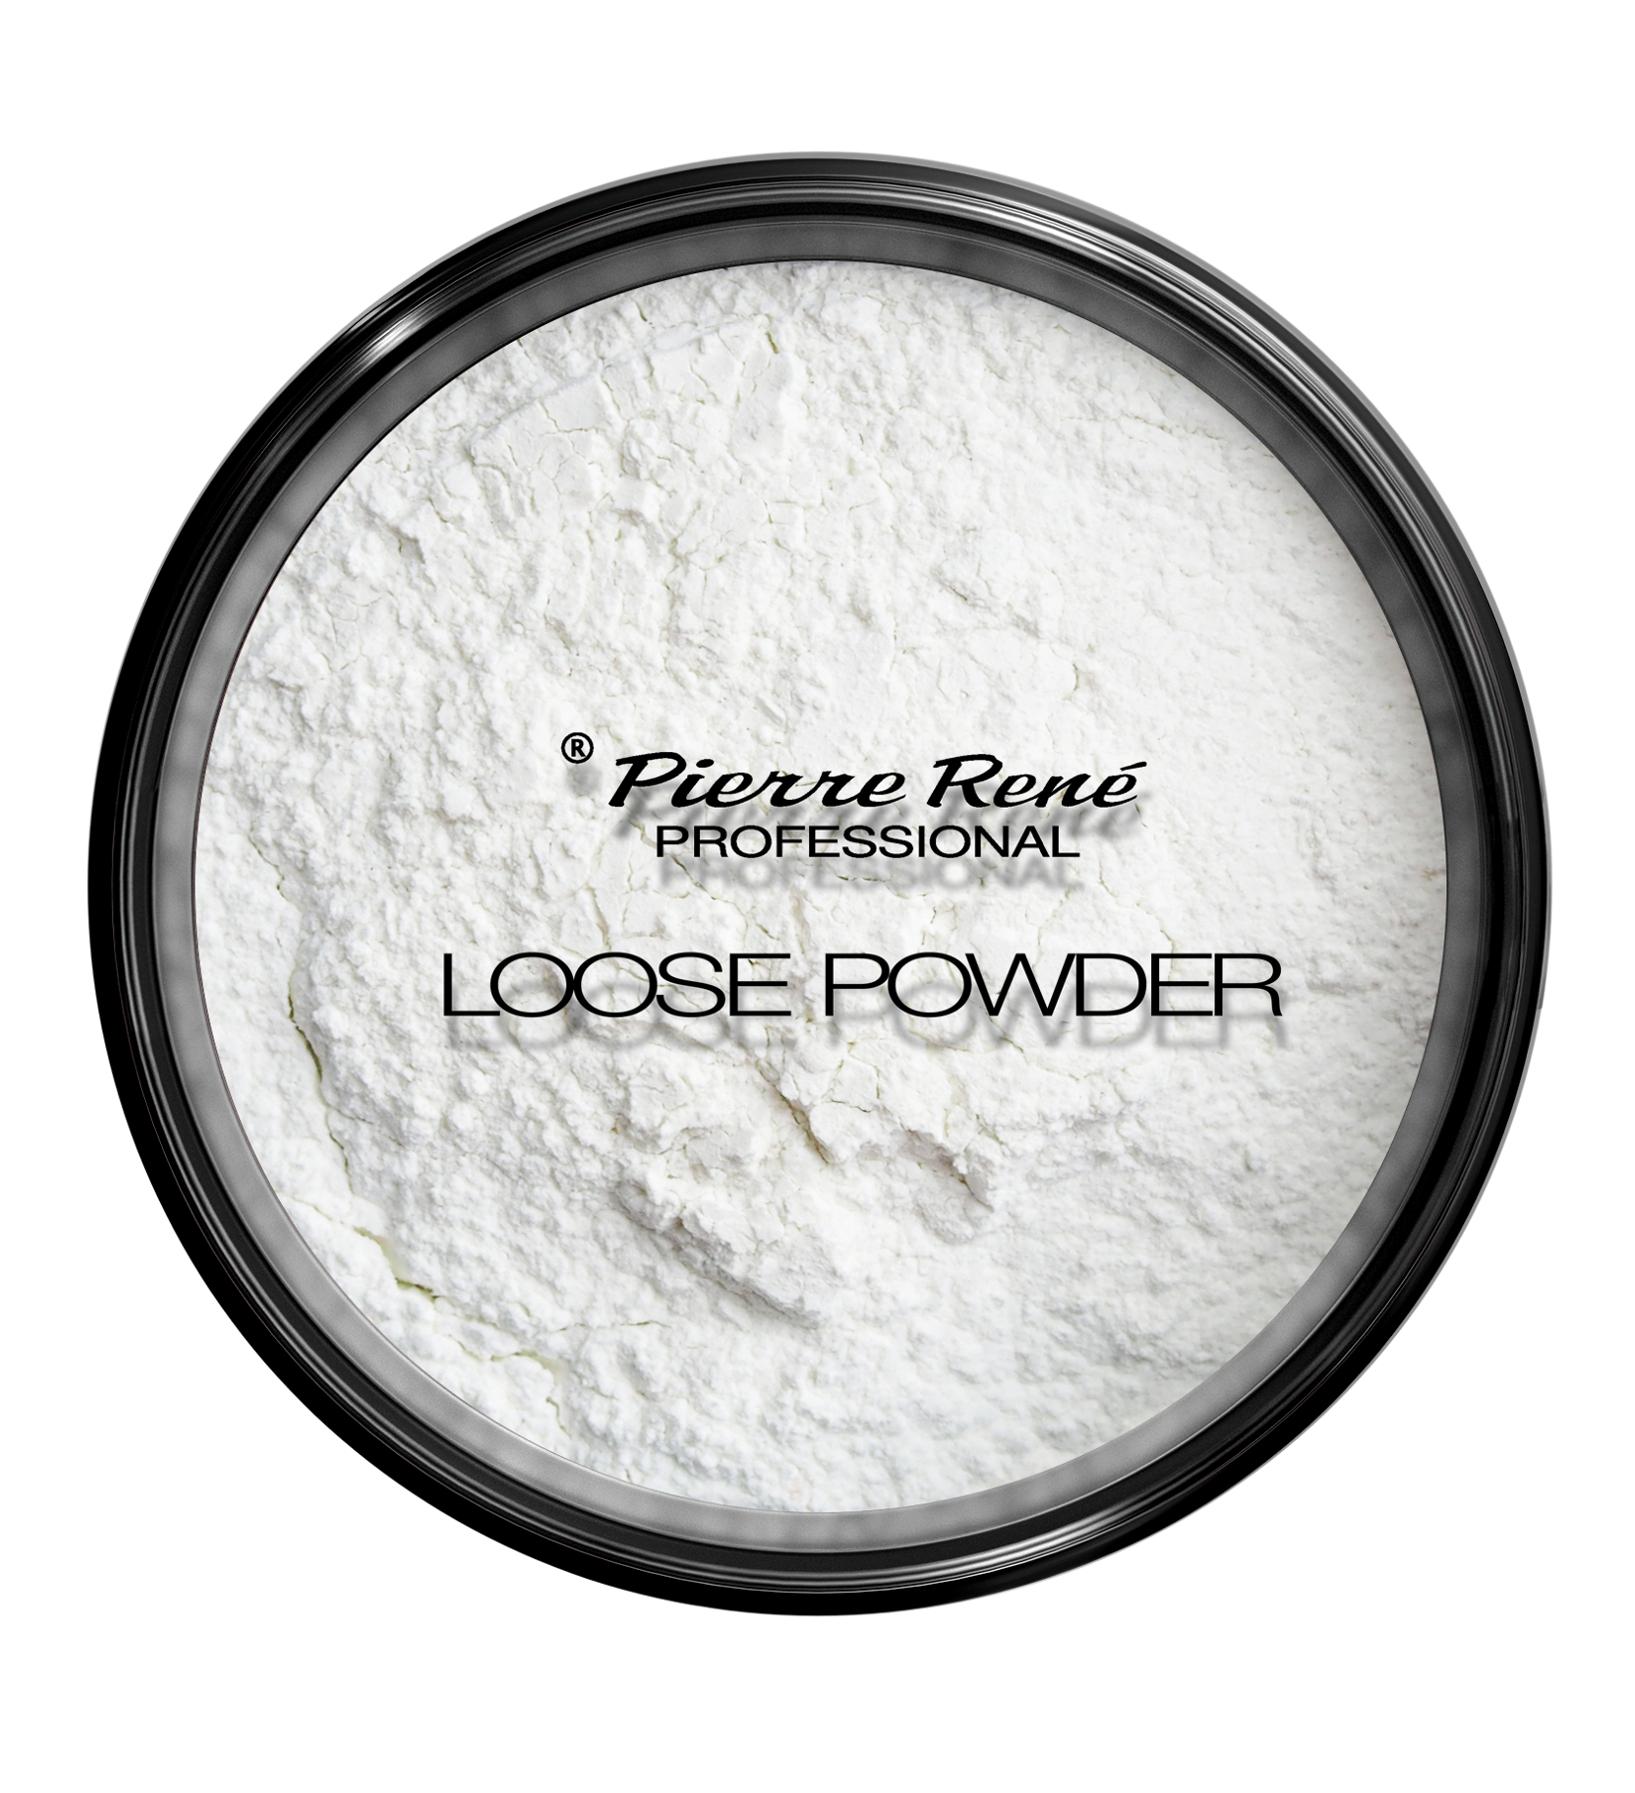 PIERRE RENE PROFESSIONAL Пудра транспарентная на минеральной основе, 00 прозрачная / Loose Rice Powder 7 г